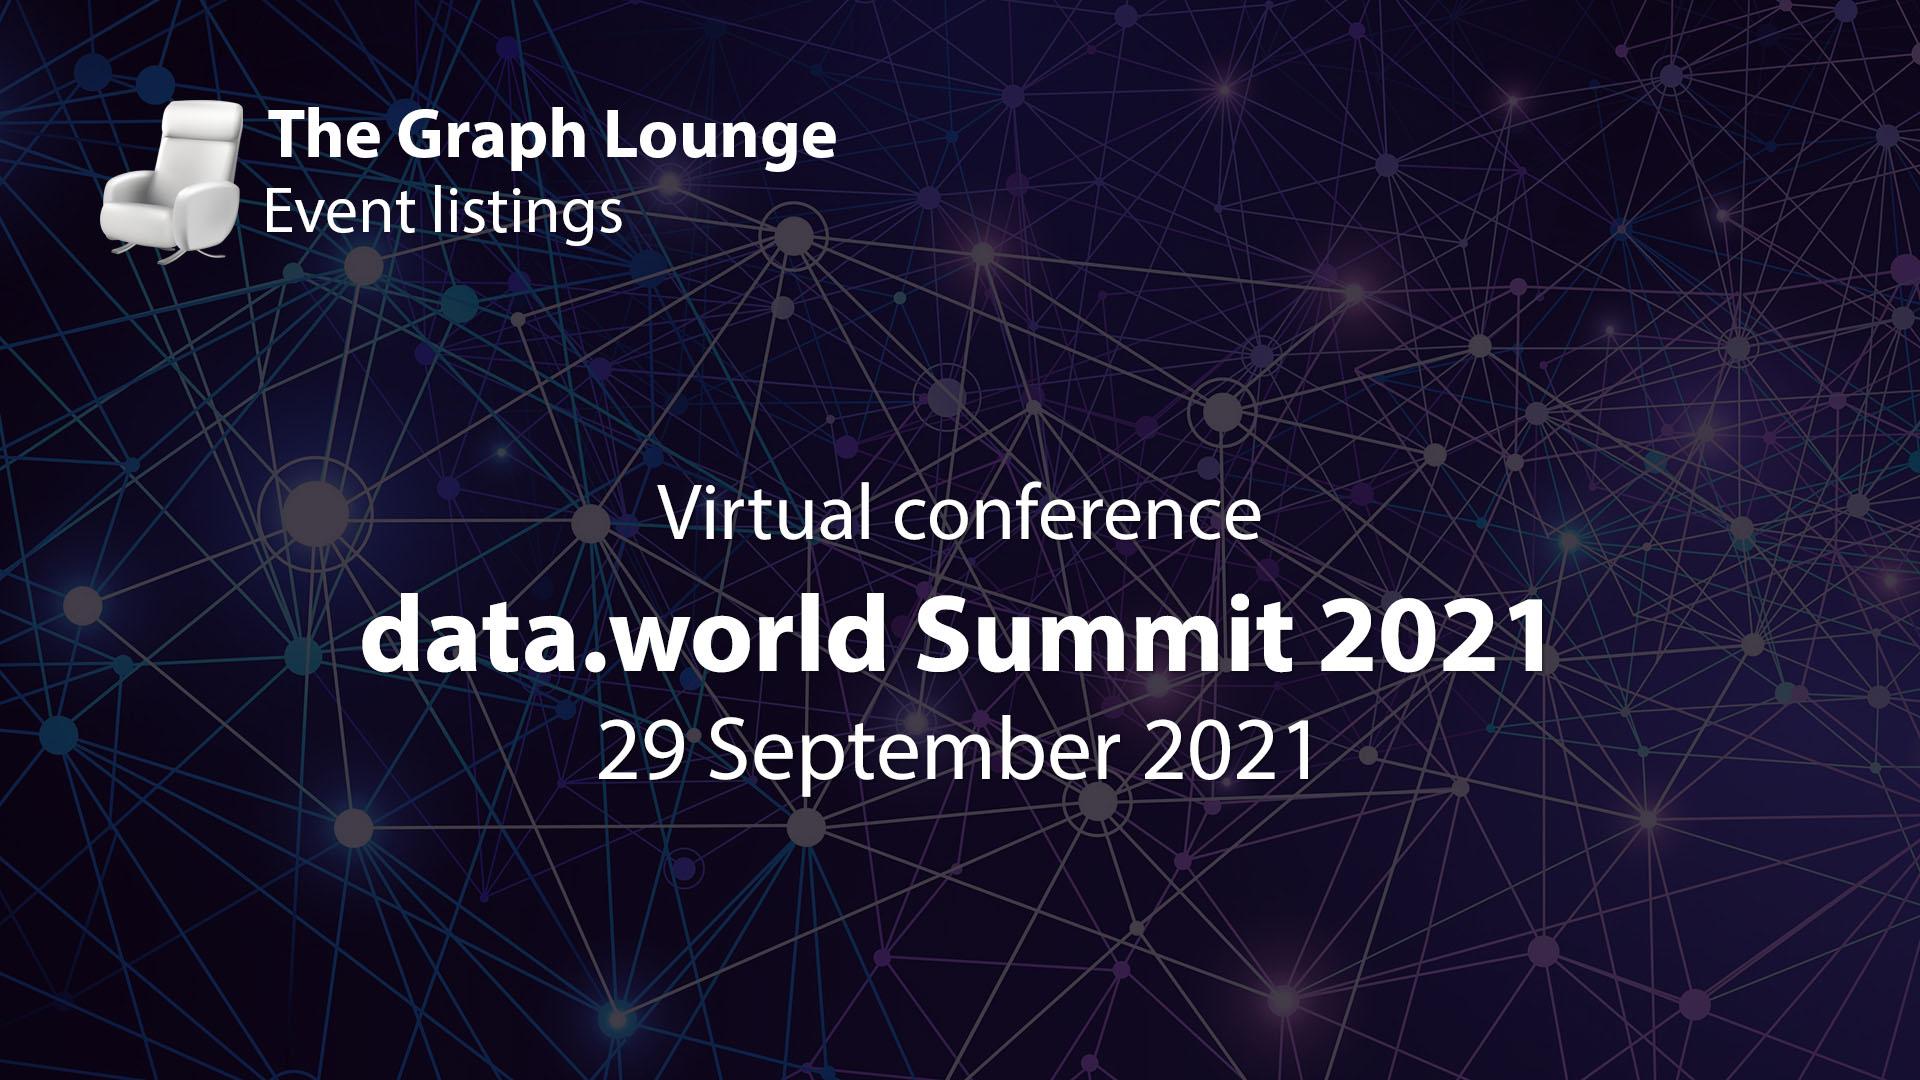 data.world Summit 2021